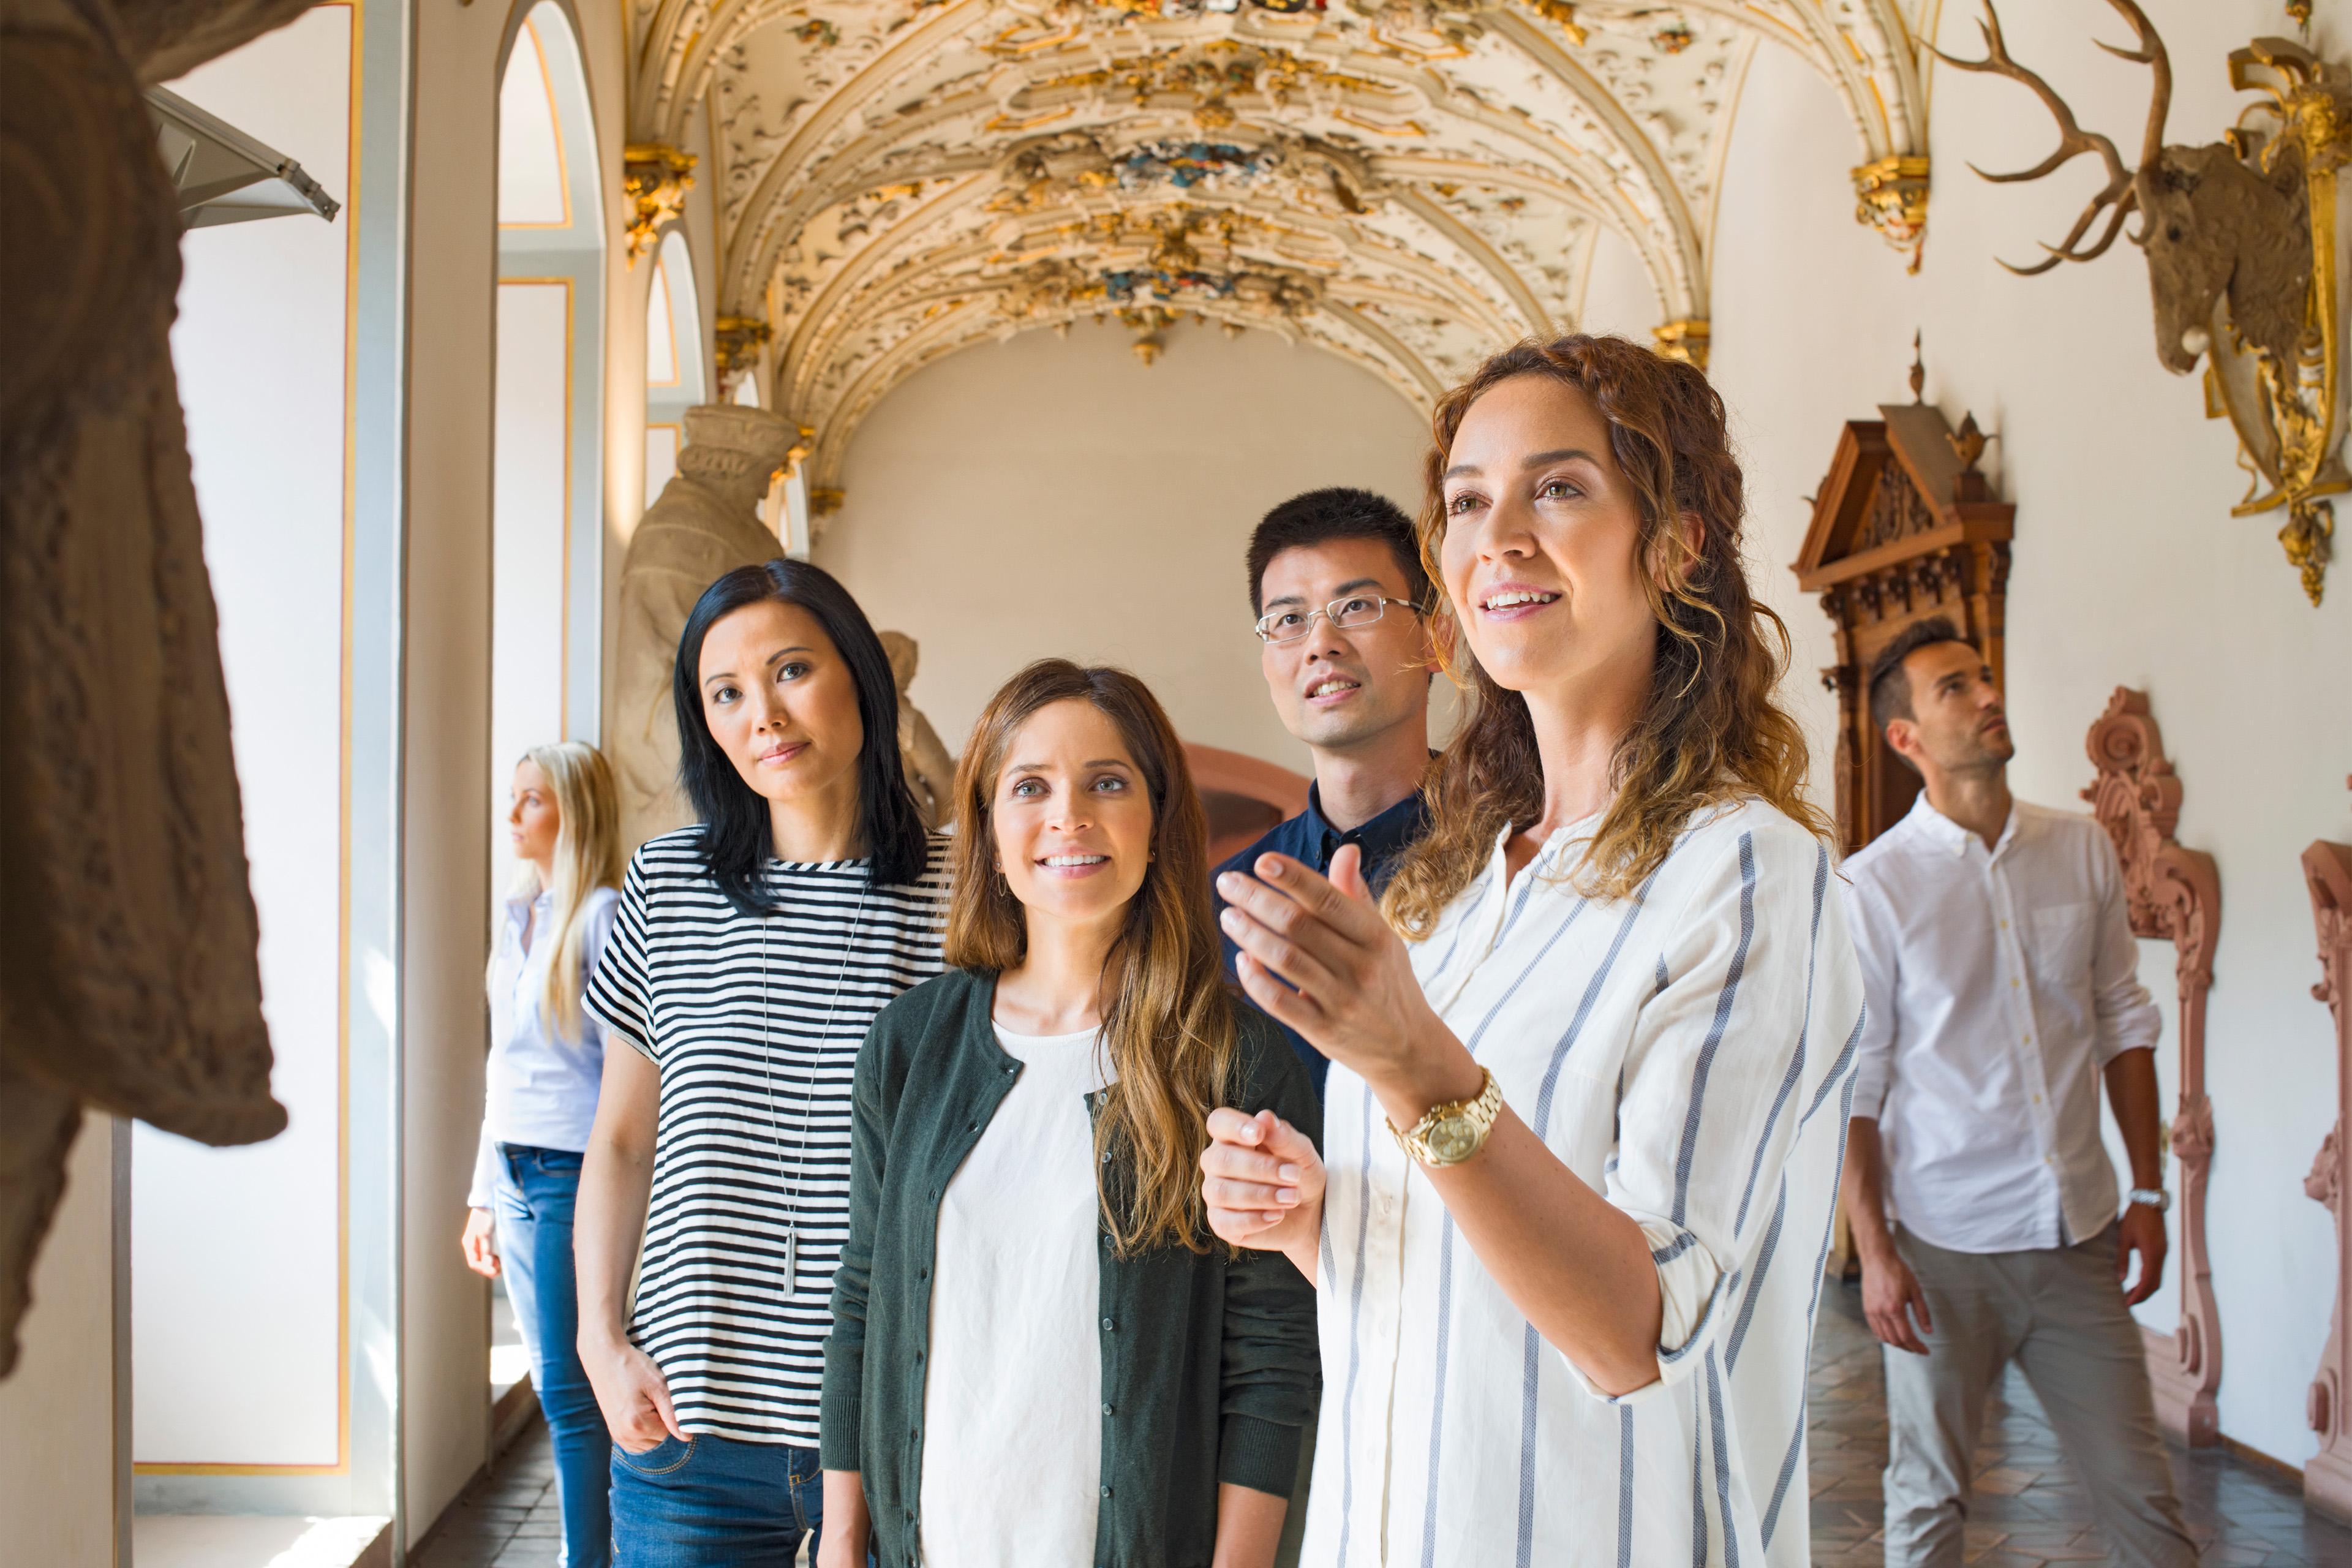 Besucher in Schloss Heidelberg; Foto: Staatliche Schlösser und Gärten Baden-Württemberg, Niels Schubert